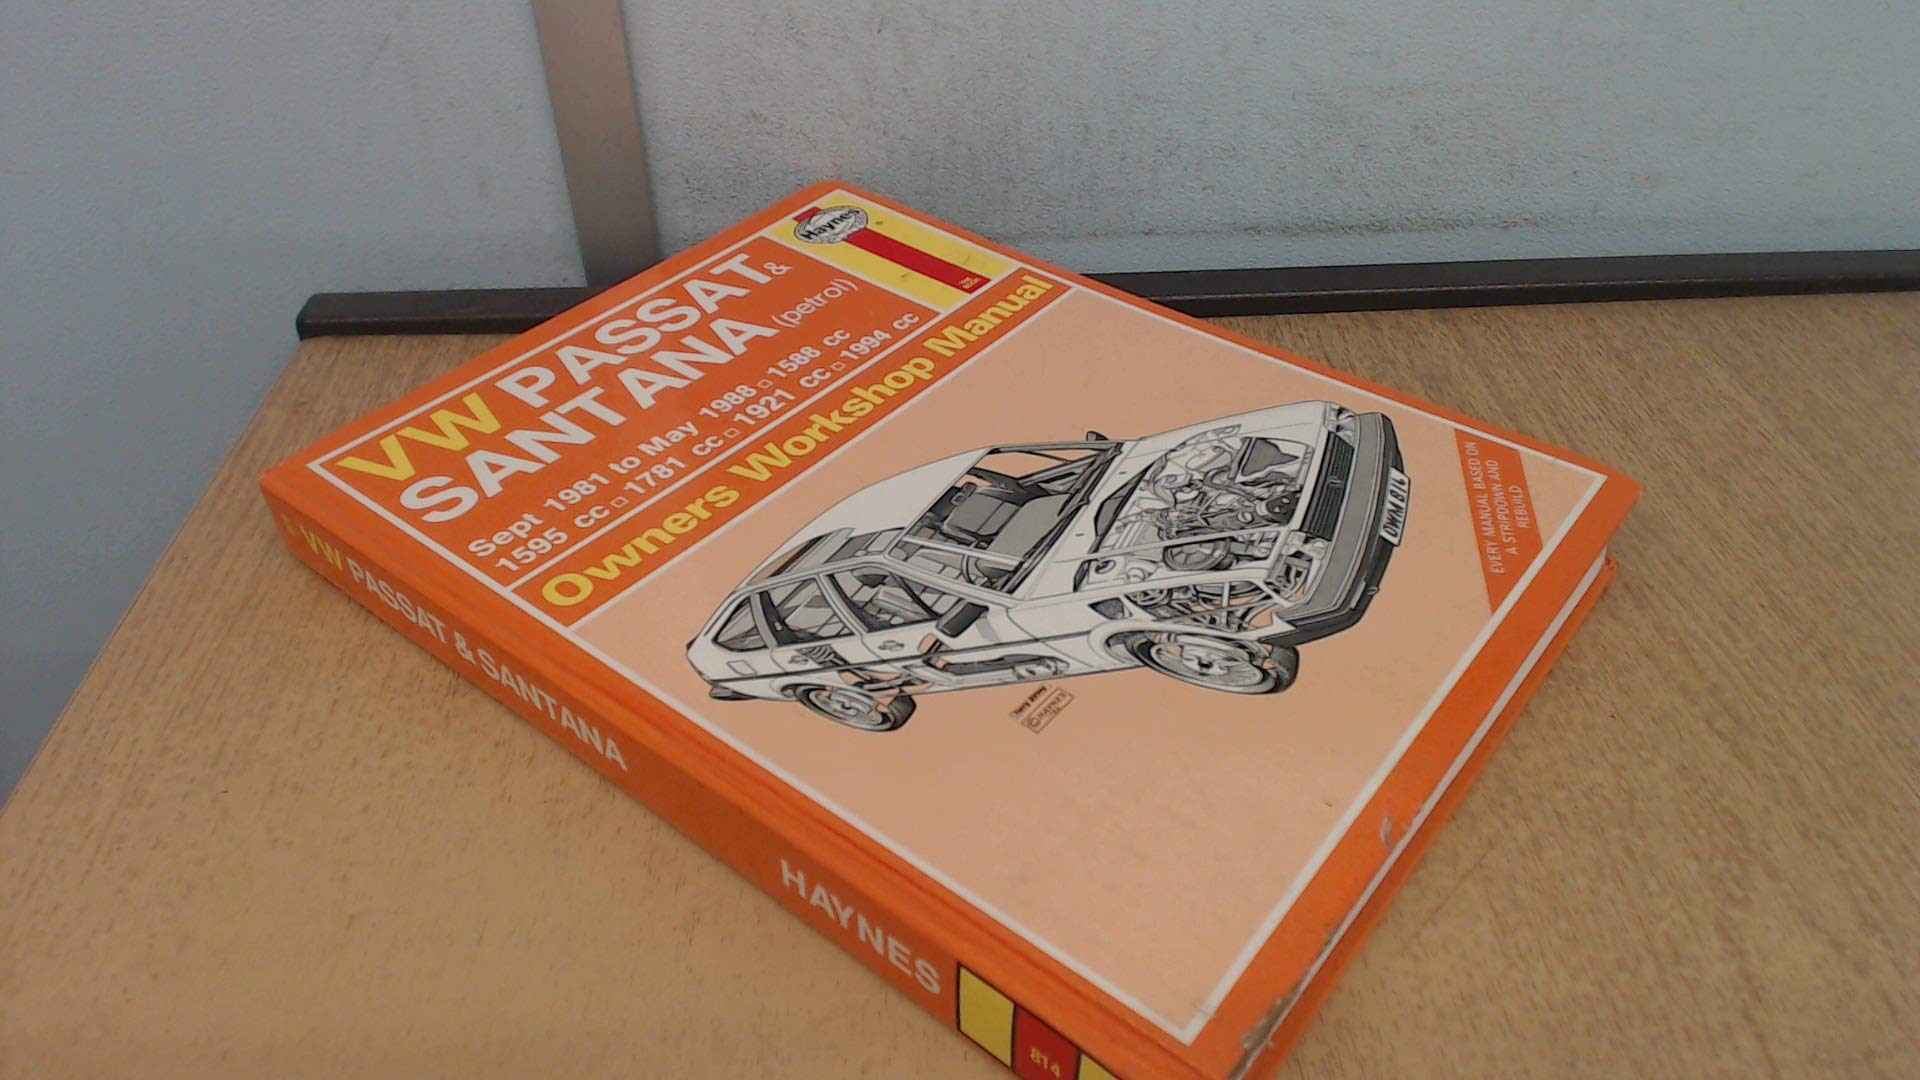 Volkswagen Passat & Santana (Sept '81 to May '88) (Service